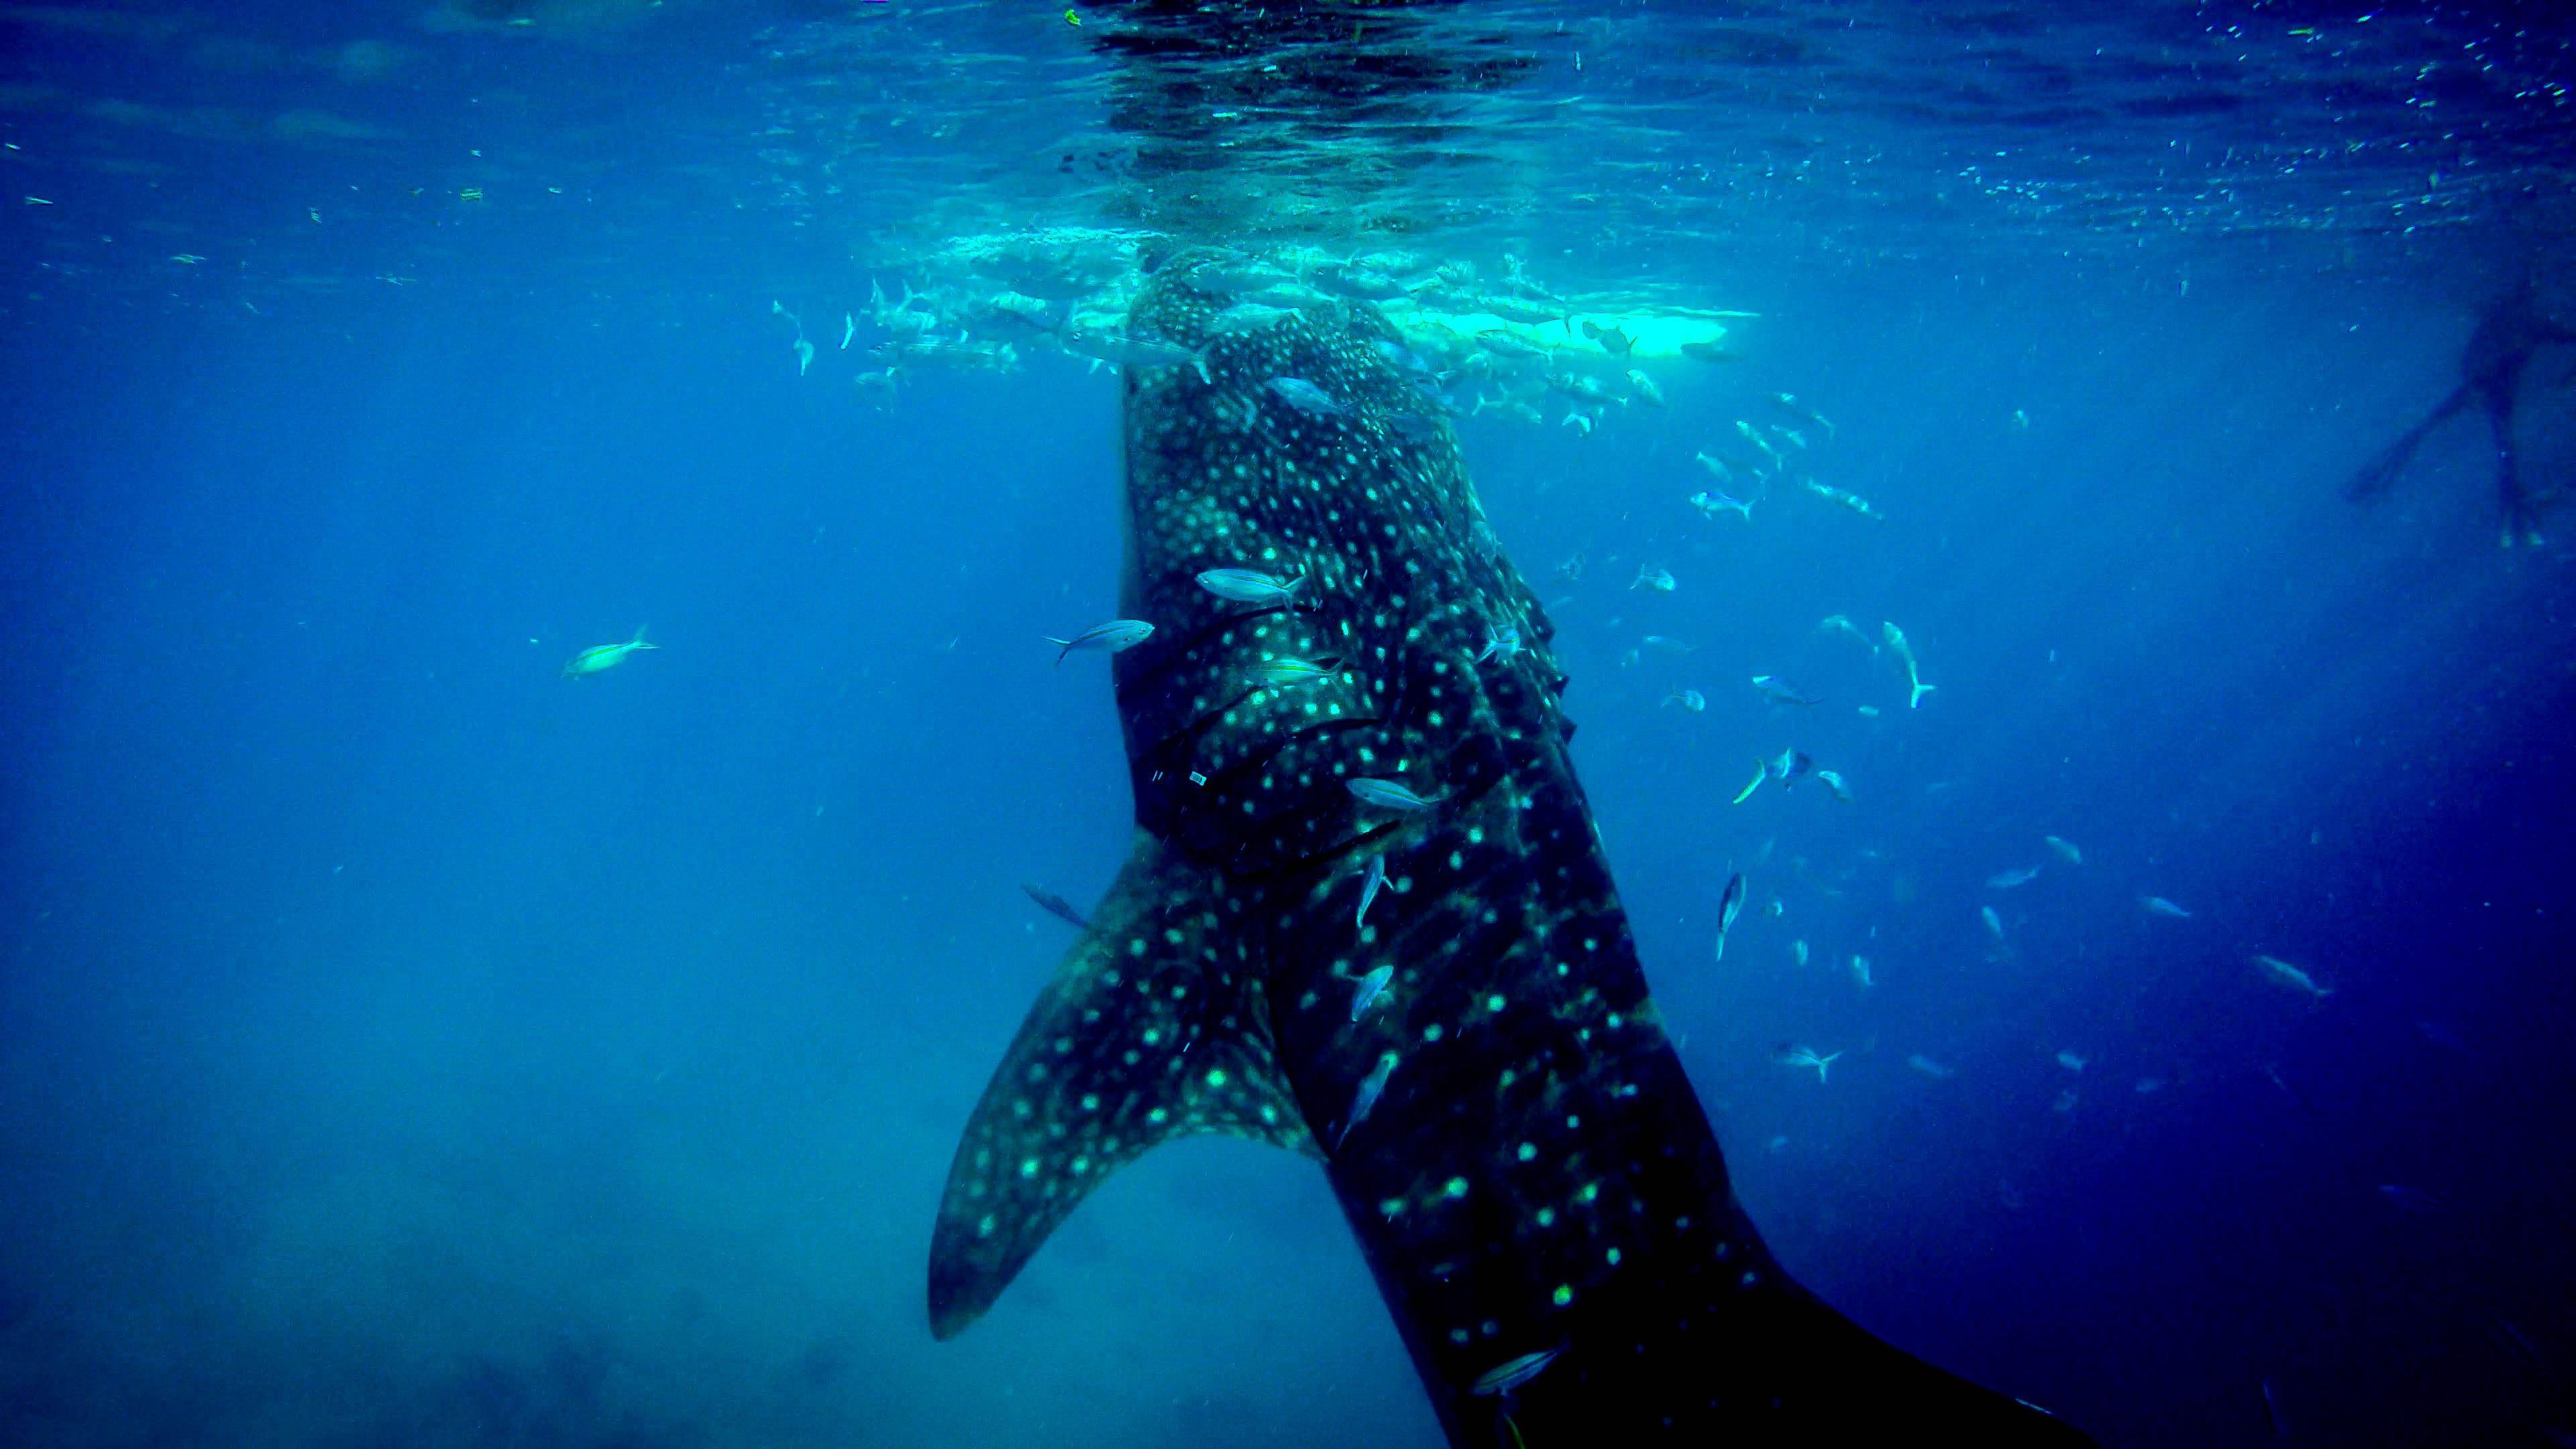 琉璃鲸人均_琉璃鲸图片